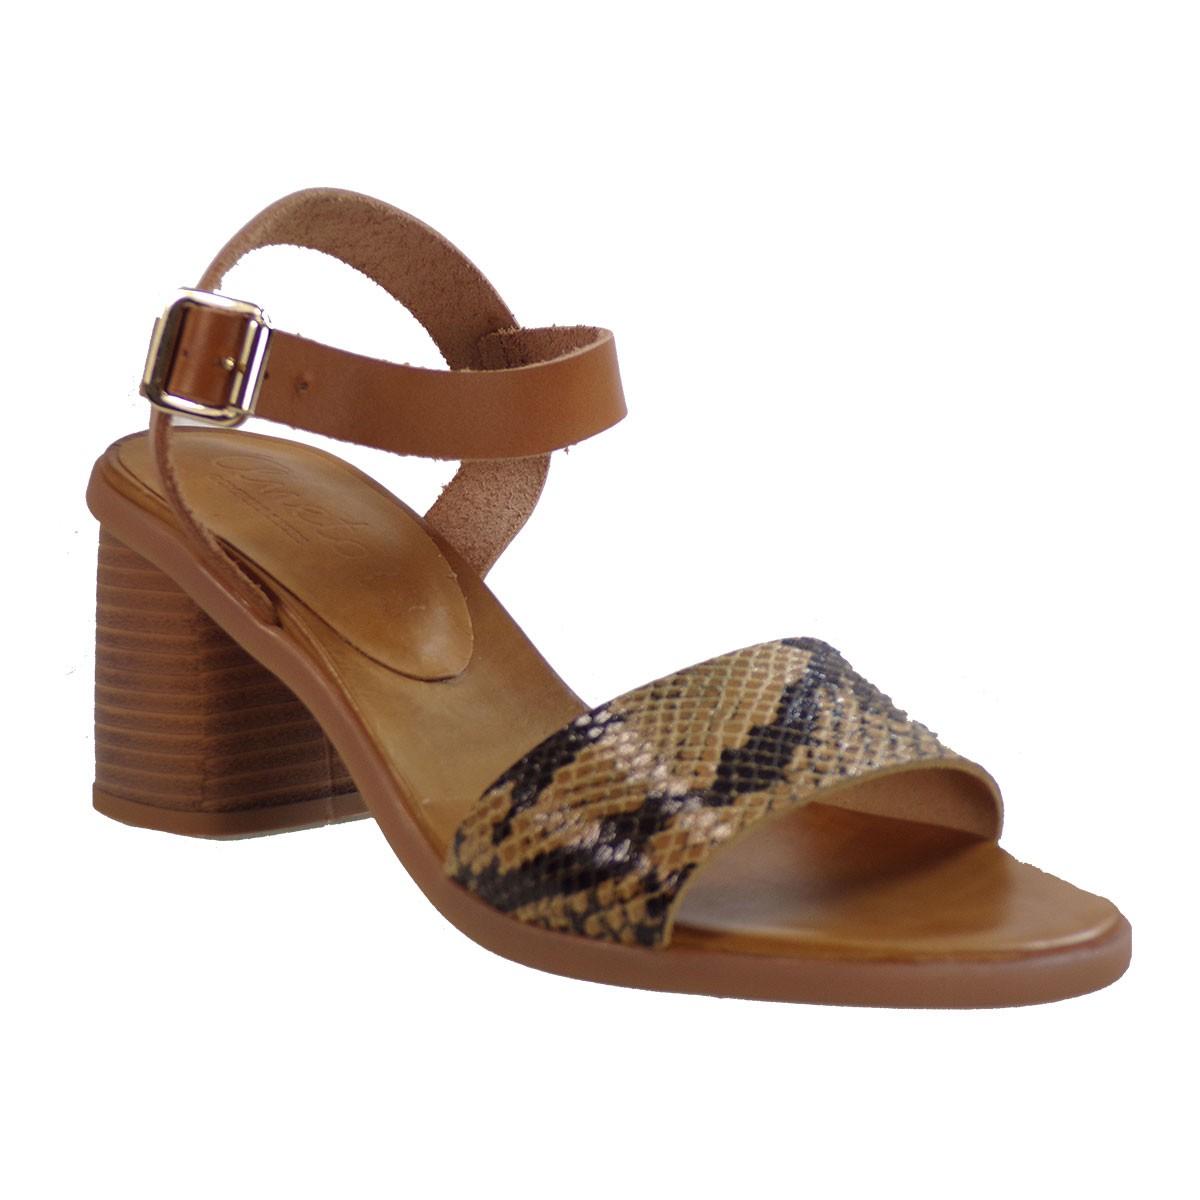 Katia Shoes Anneto Γυναικεία Πέδιλα Κ82-3722 Ταμπά Φίδι Δέρμα